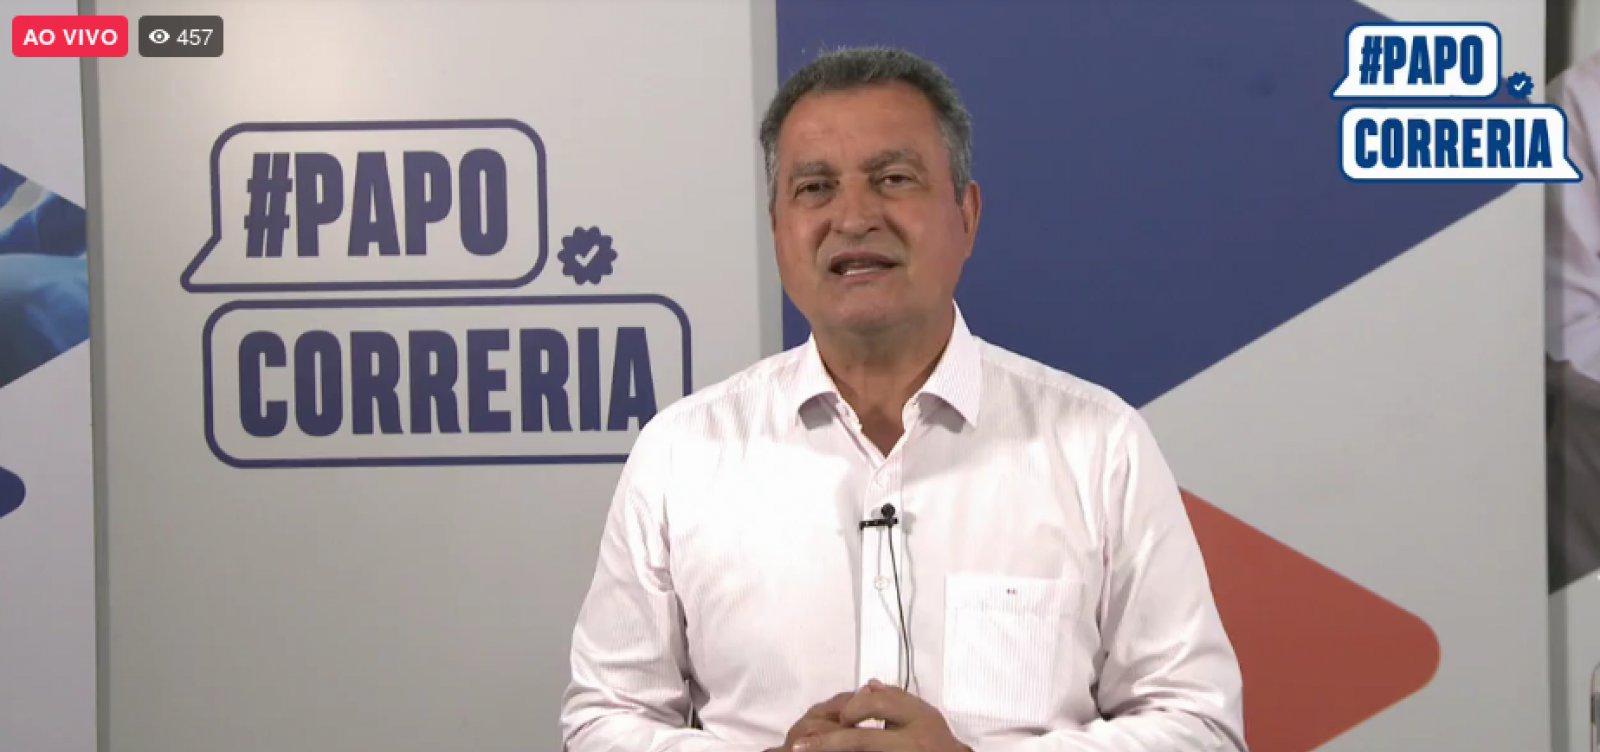 Governador da Bahia diz que pode abrir mão da Sputnik V após impasse com Anvisa